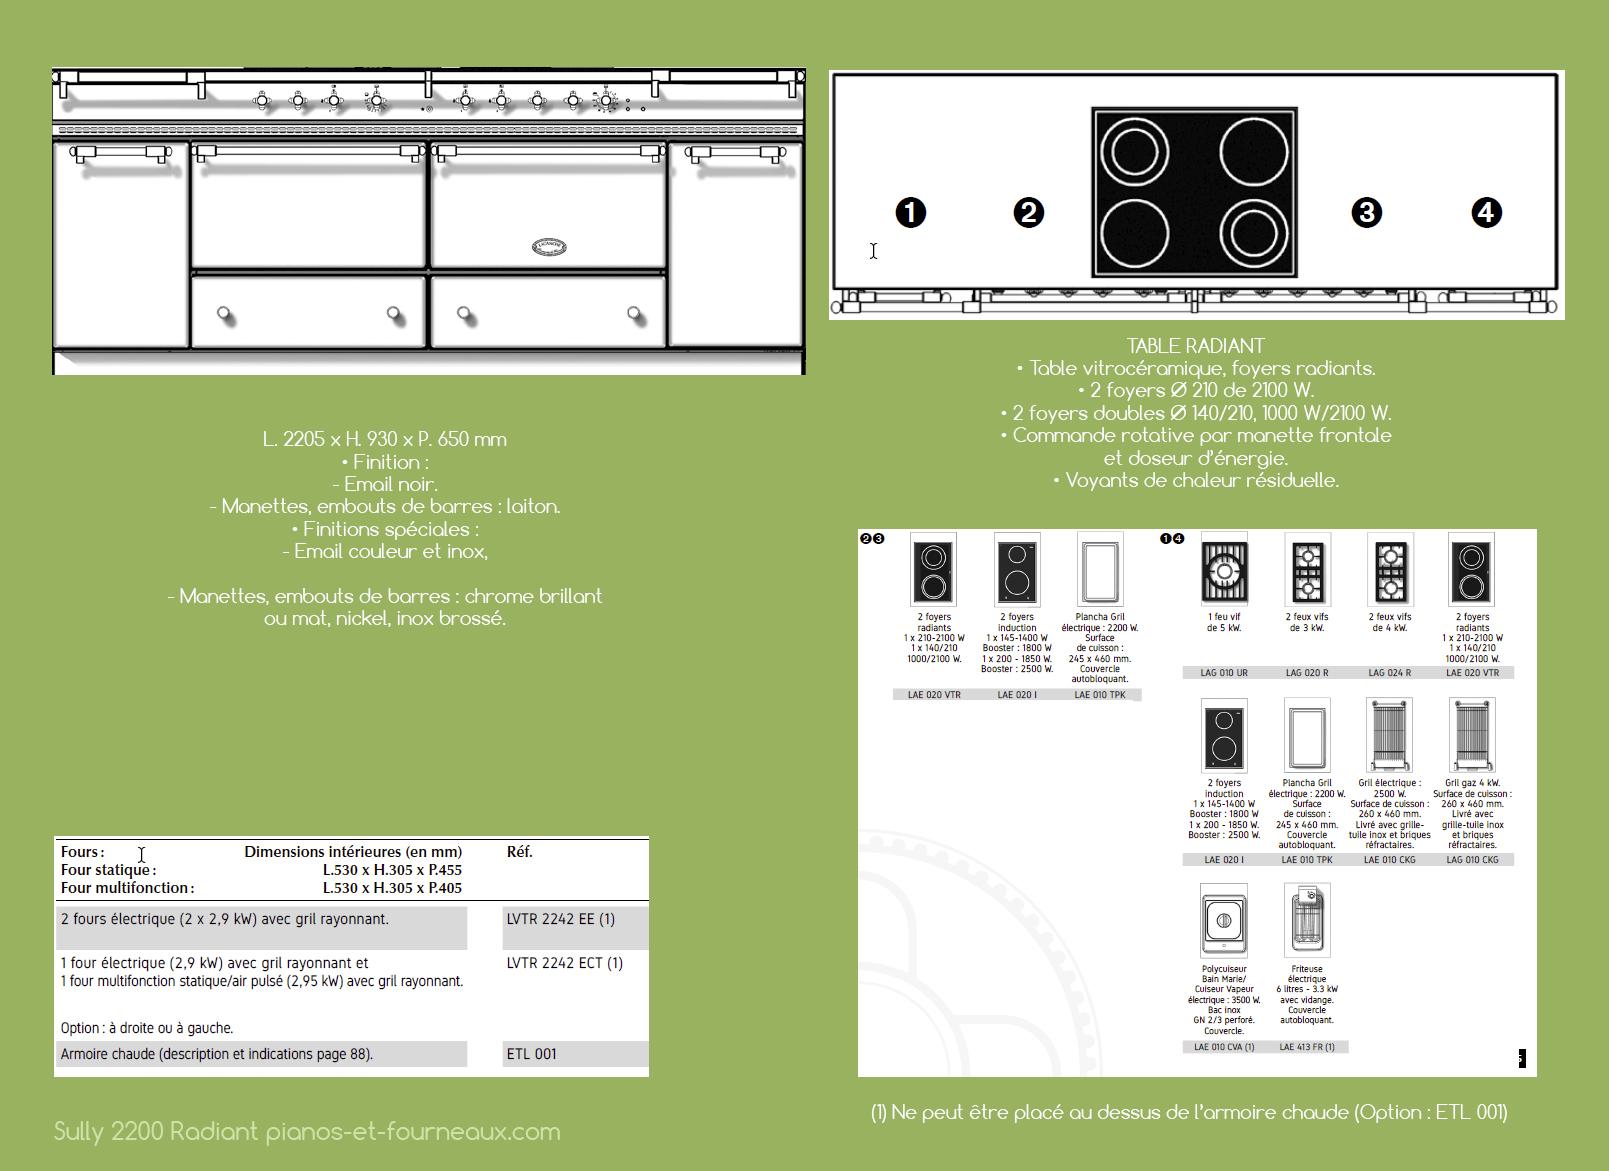 Sully 2200 Radiant configurations possibles - pianos-et-fourneaux.com le spécialiste des pianos de cuisine et fourneaux de cuisson Lacanche